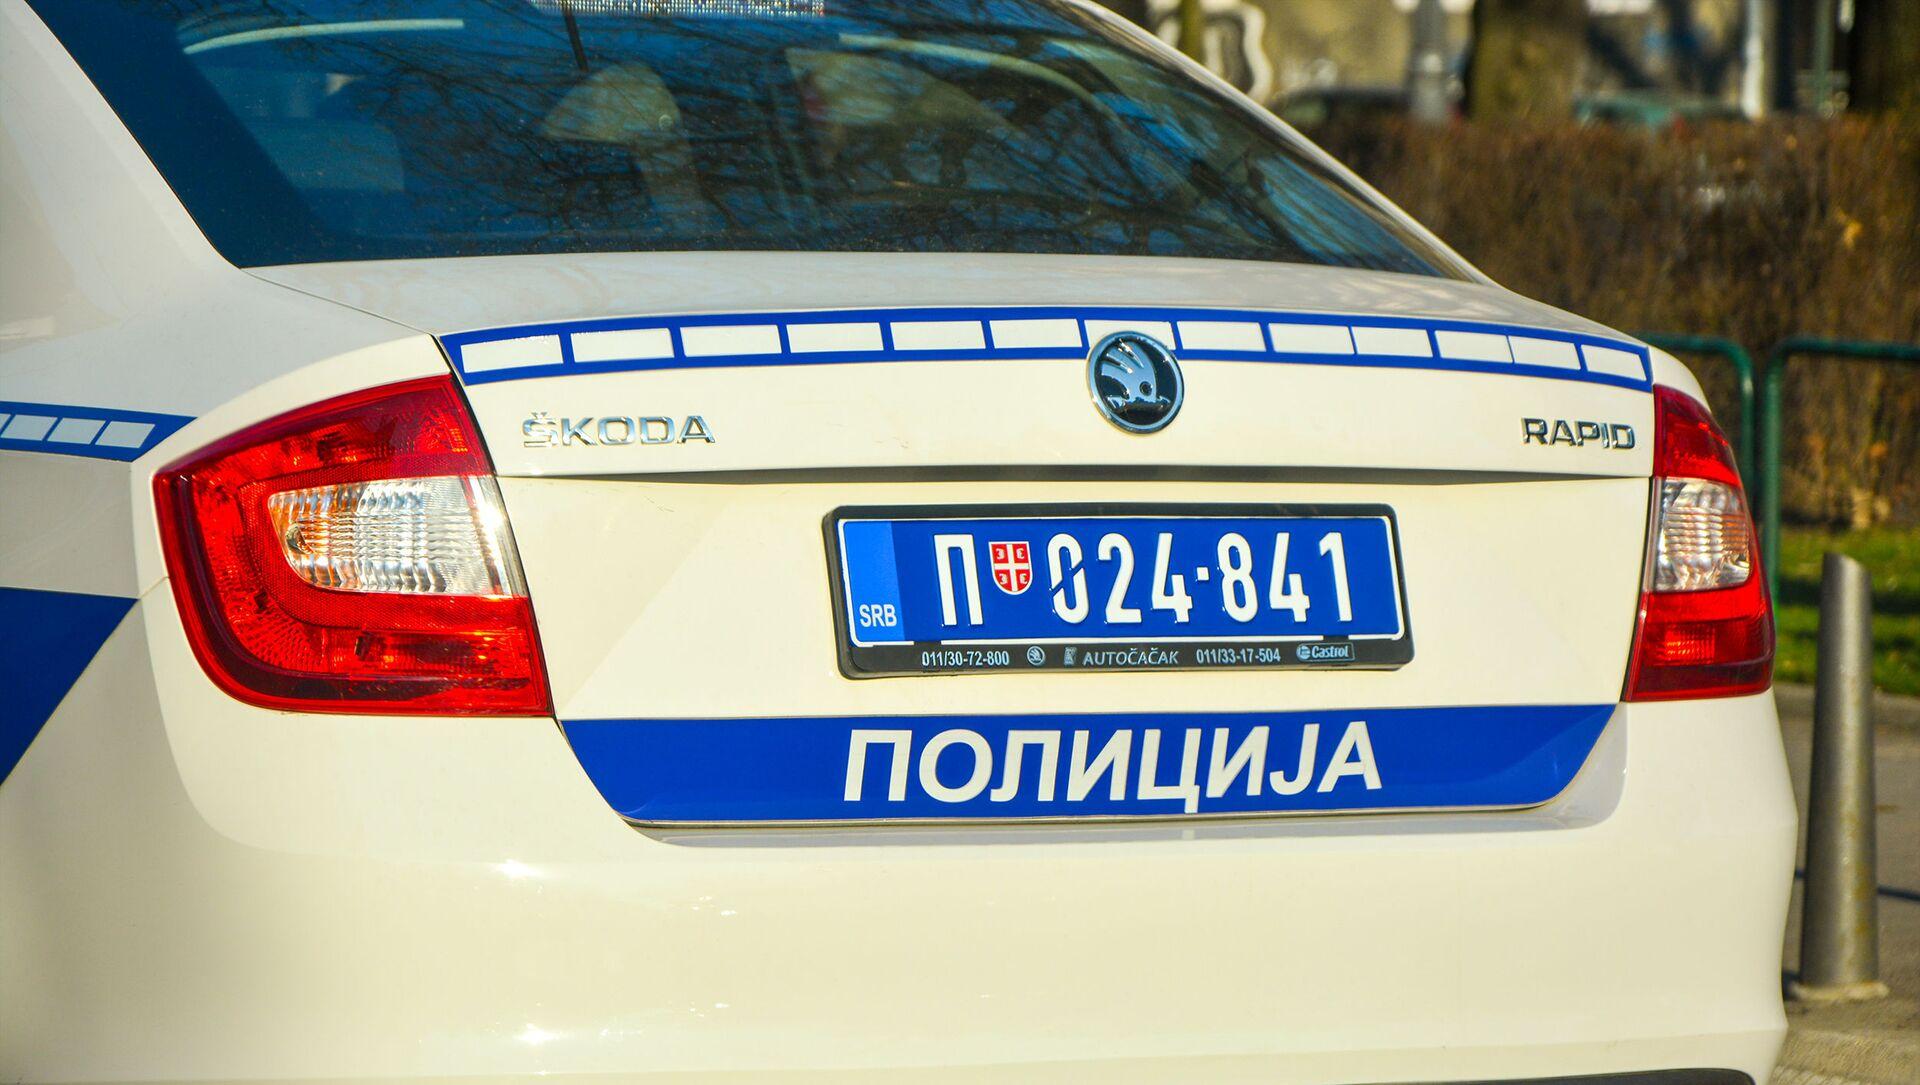 Policijska kola - Sputnik Srbija, 1920, 19.02.2021